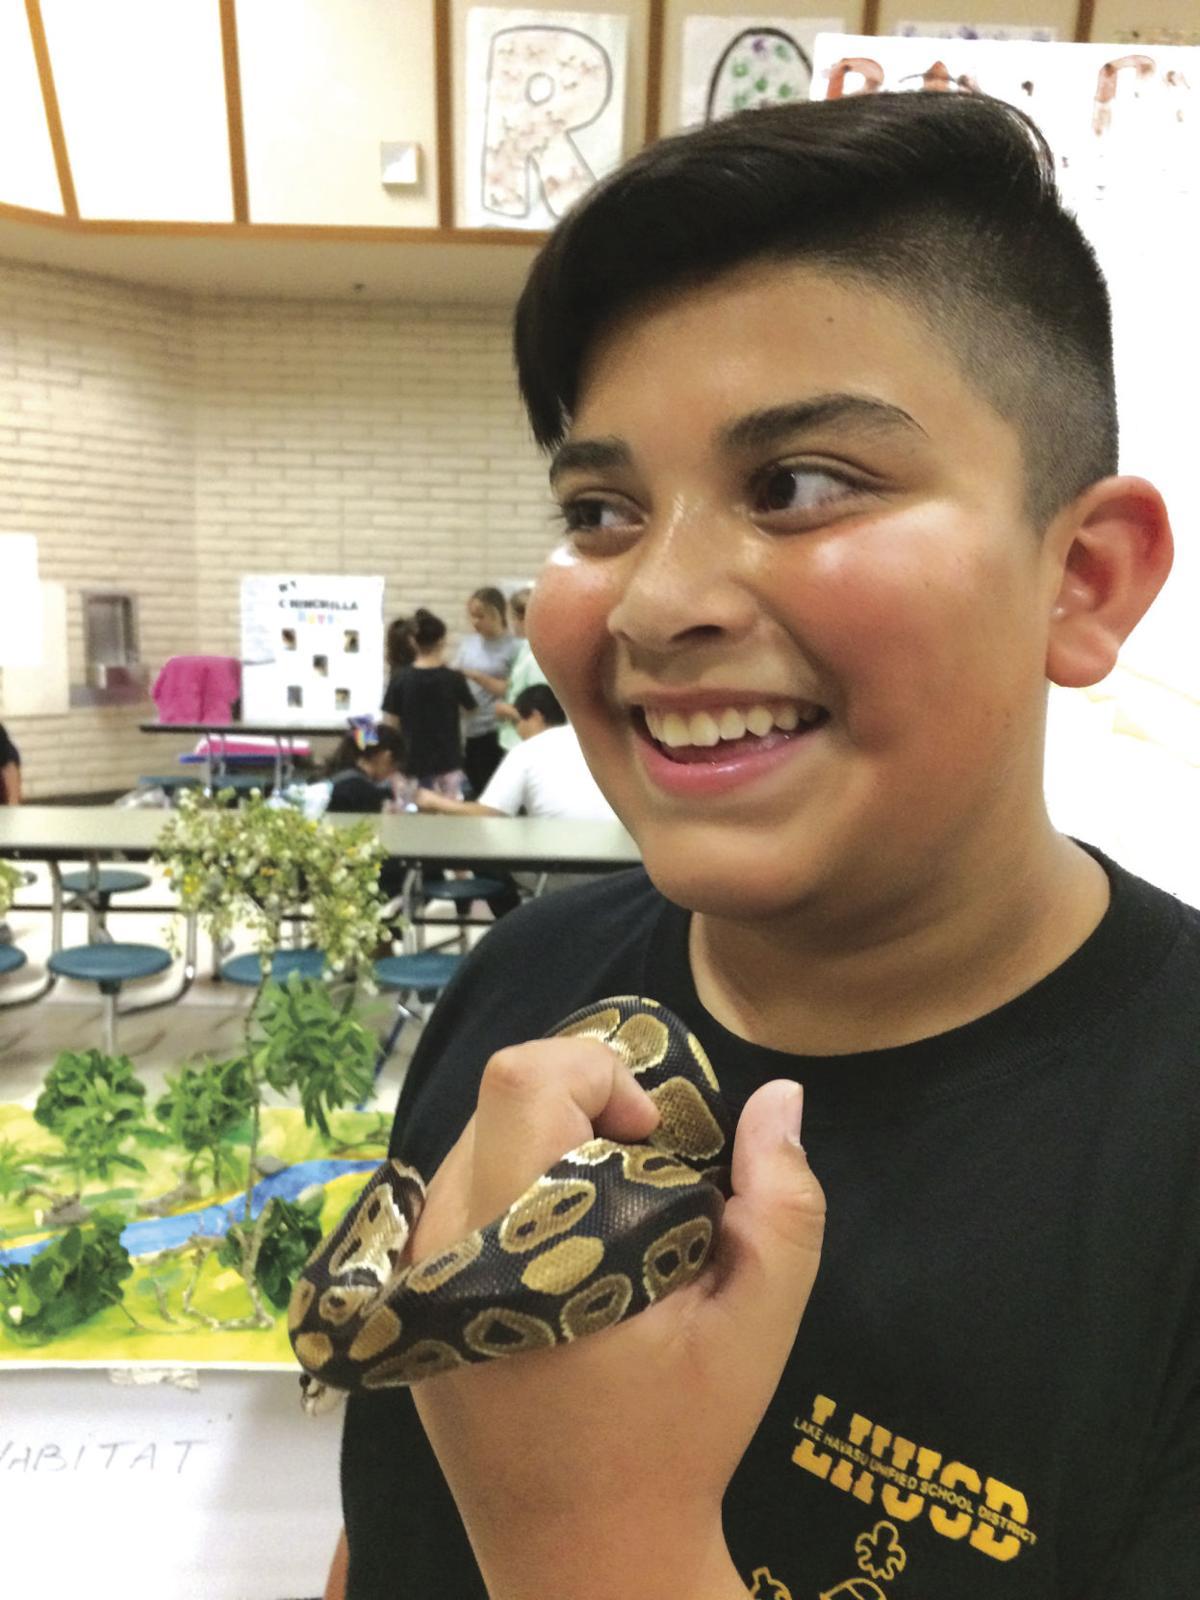 snake boy 2.jpg